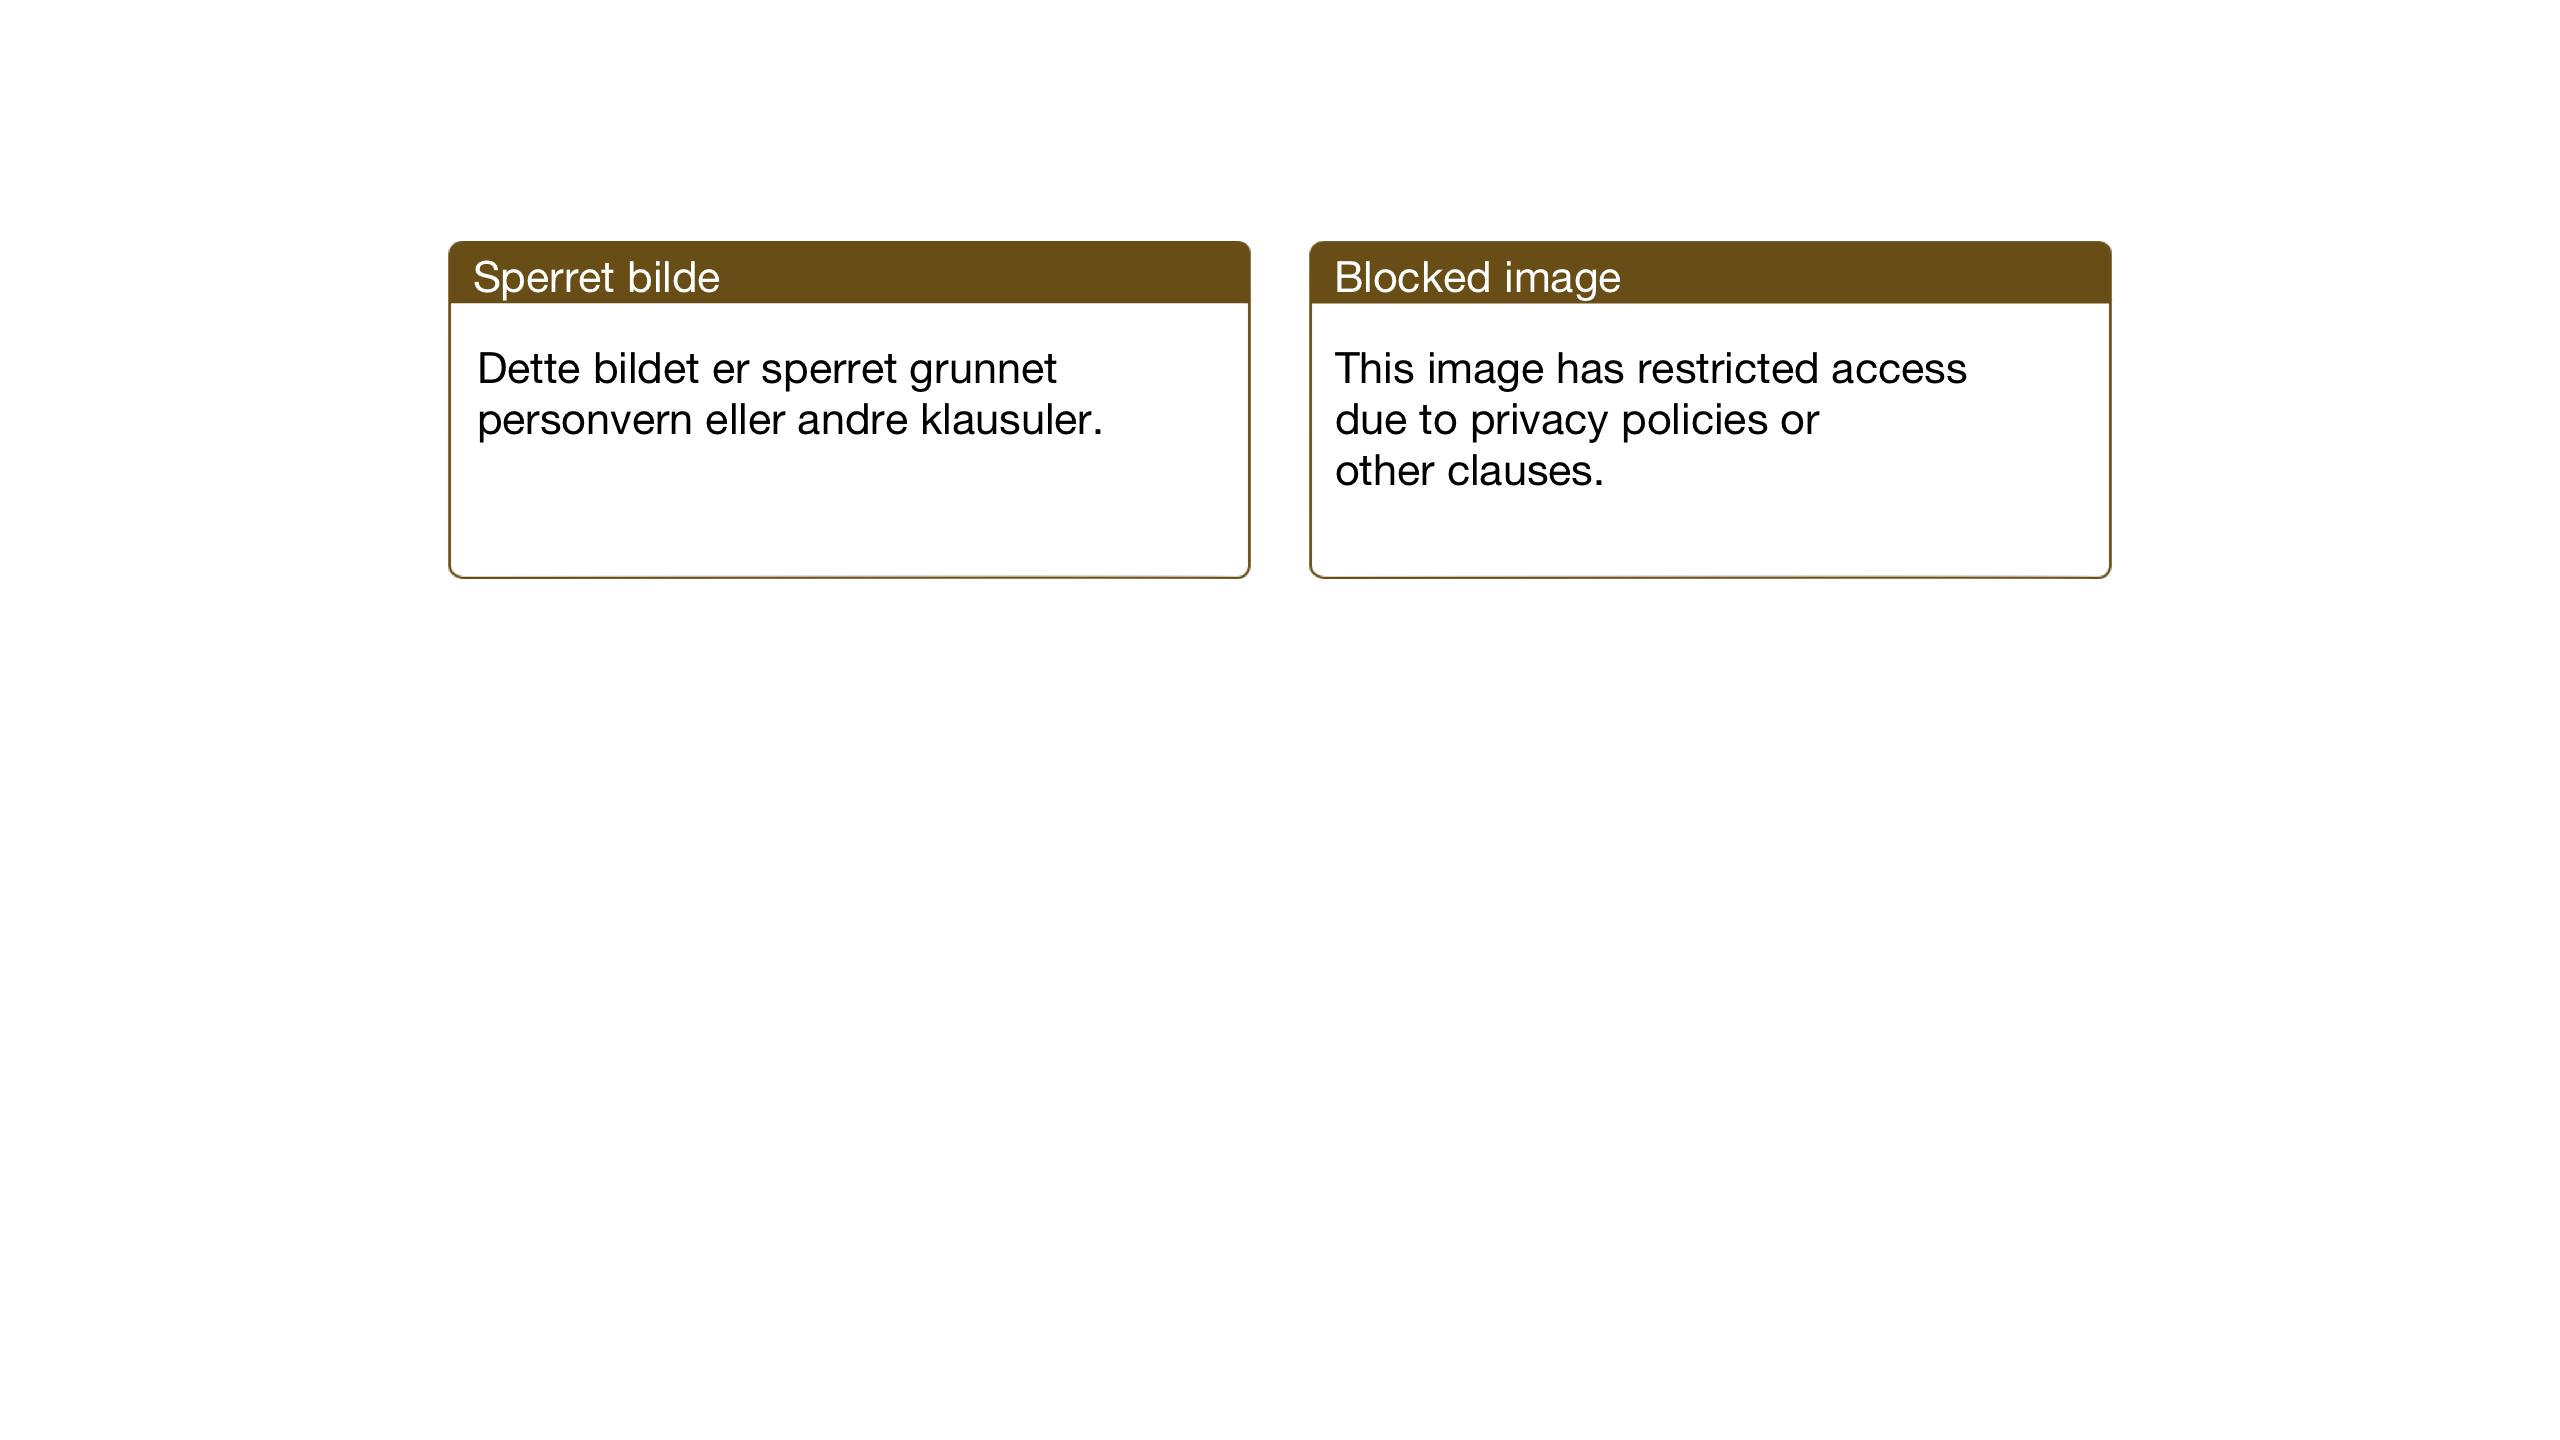 SAT, Ministerialprotokoller, klokkerbøker og fødselsregistre - Sør-Trøndelag, 688/L1030: Klokkerbok nr. 688C05, 1916-1939, s. 78